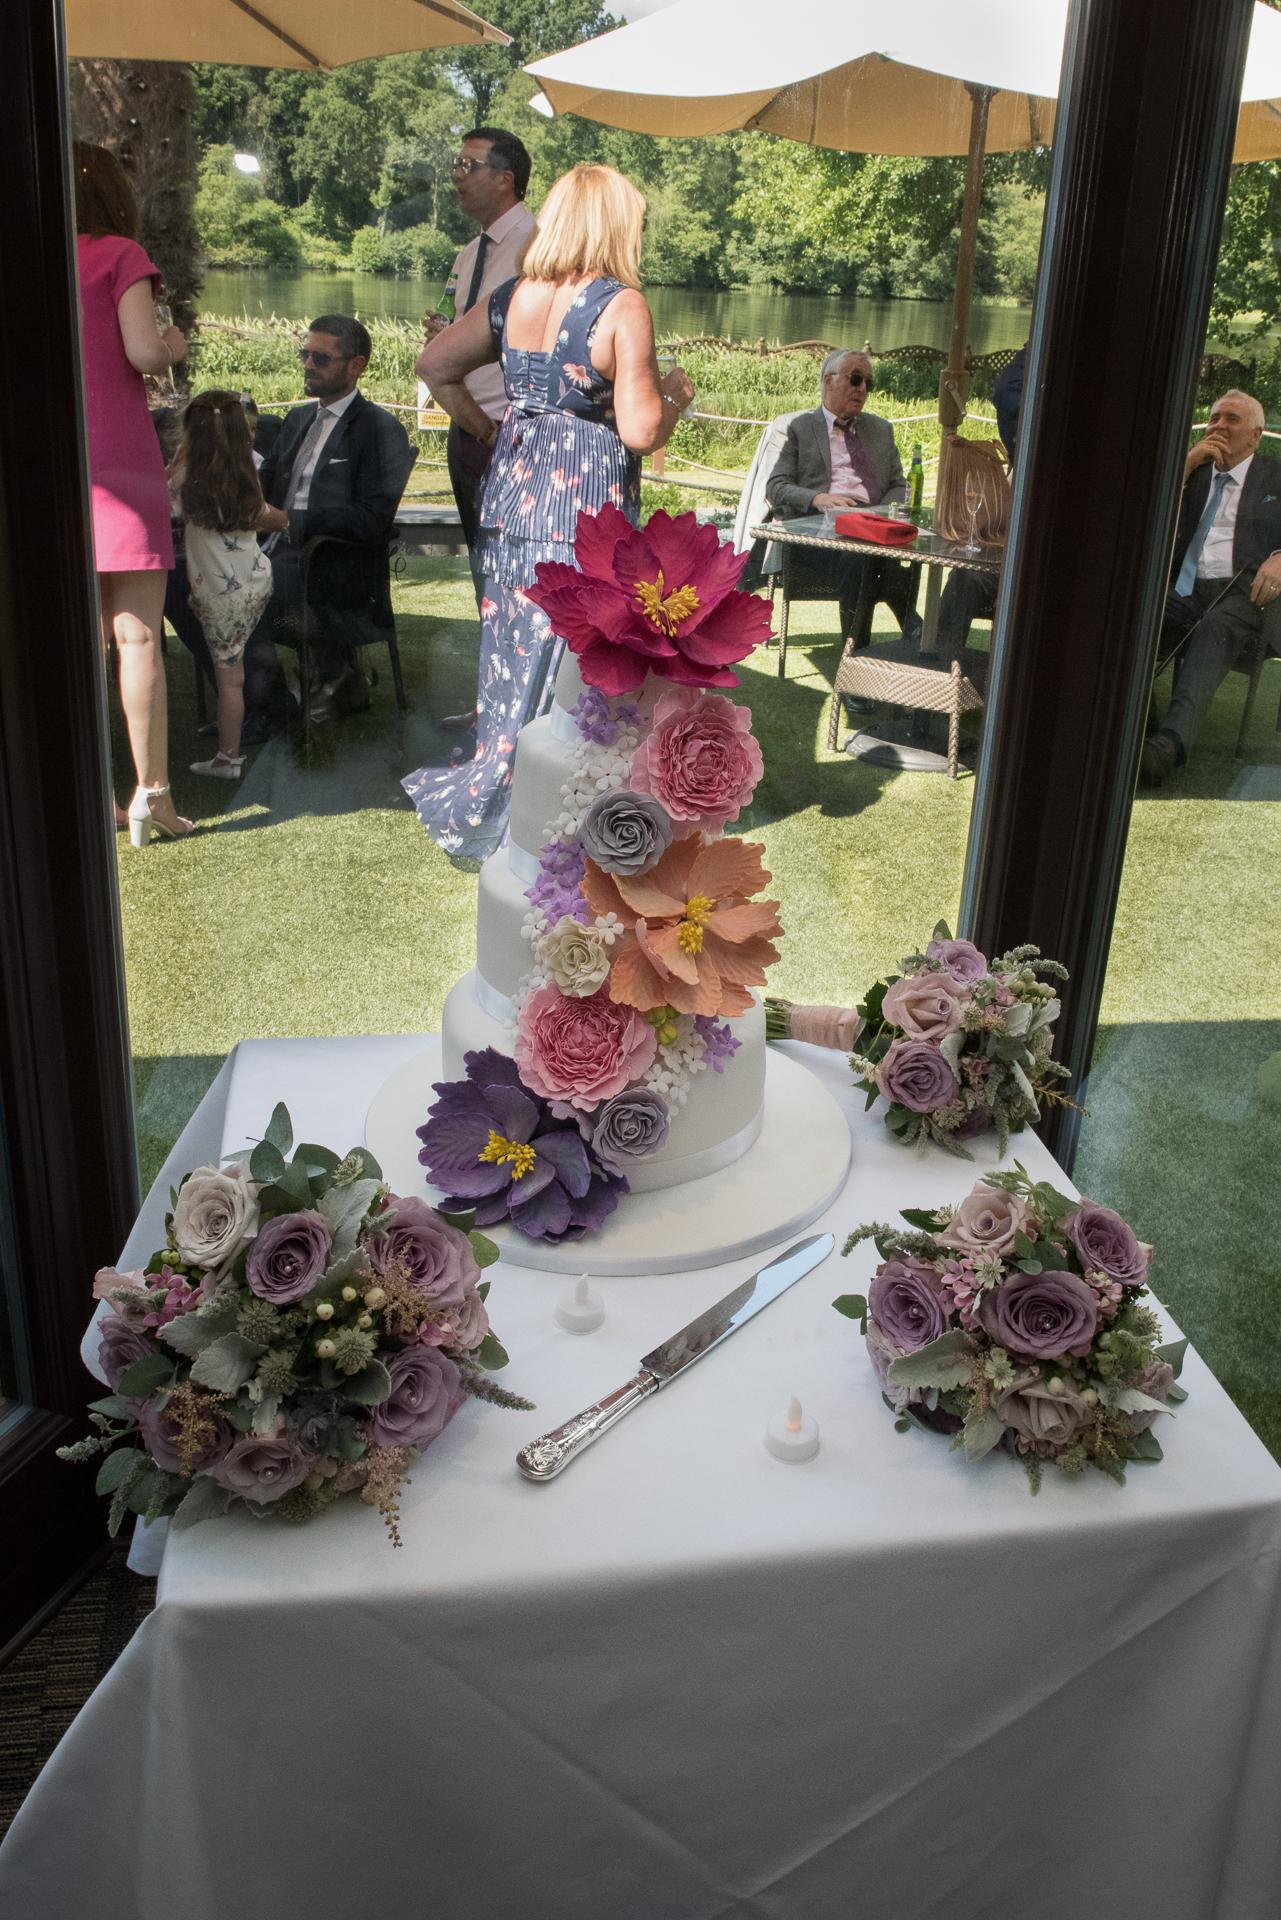 Frensham-Pond-Hotel-wedding_43.JPG